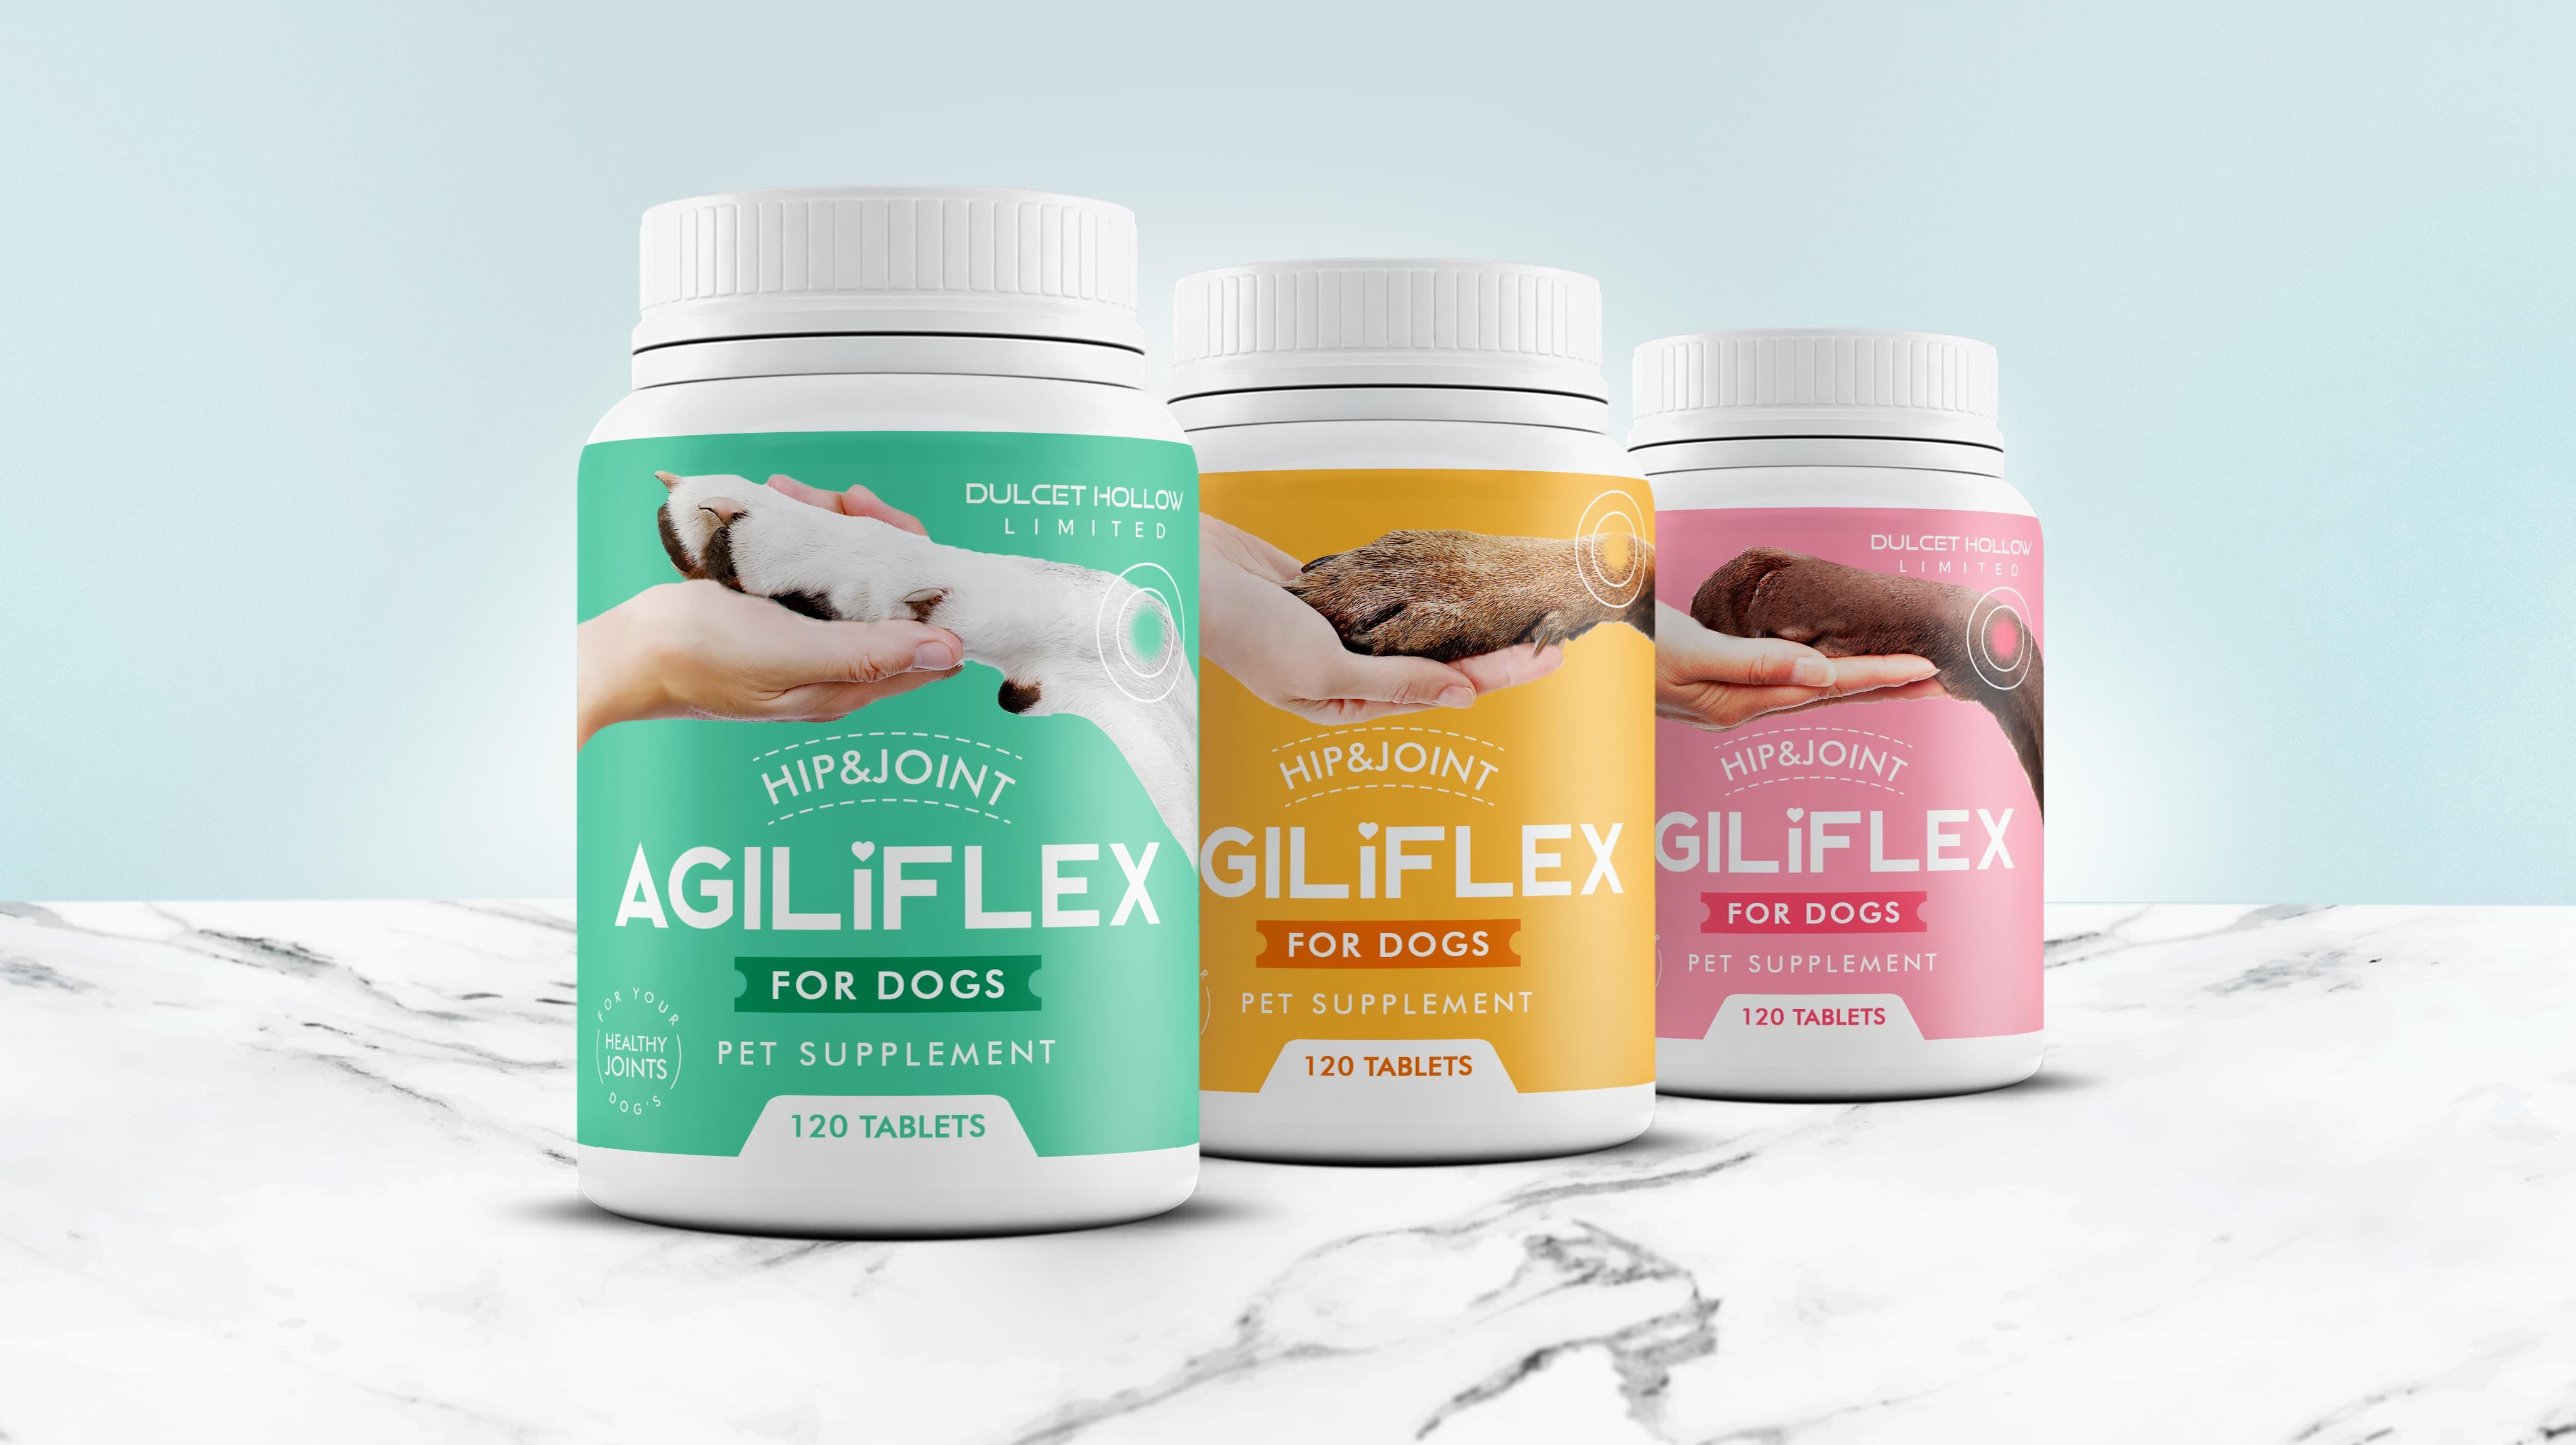 Agiliflex Packaging